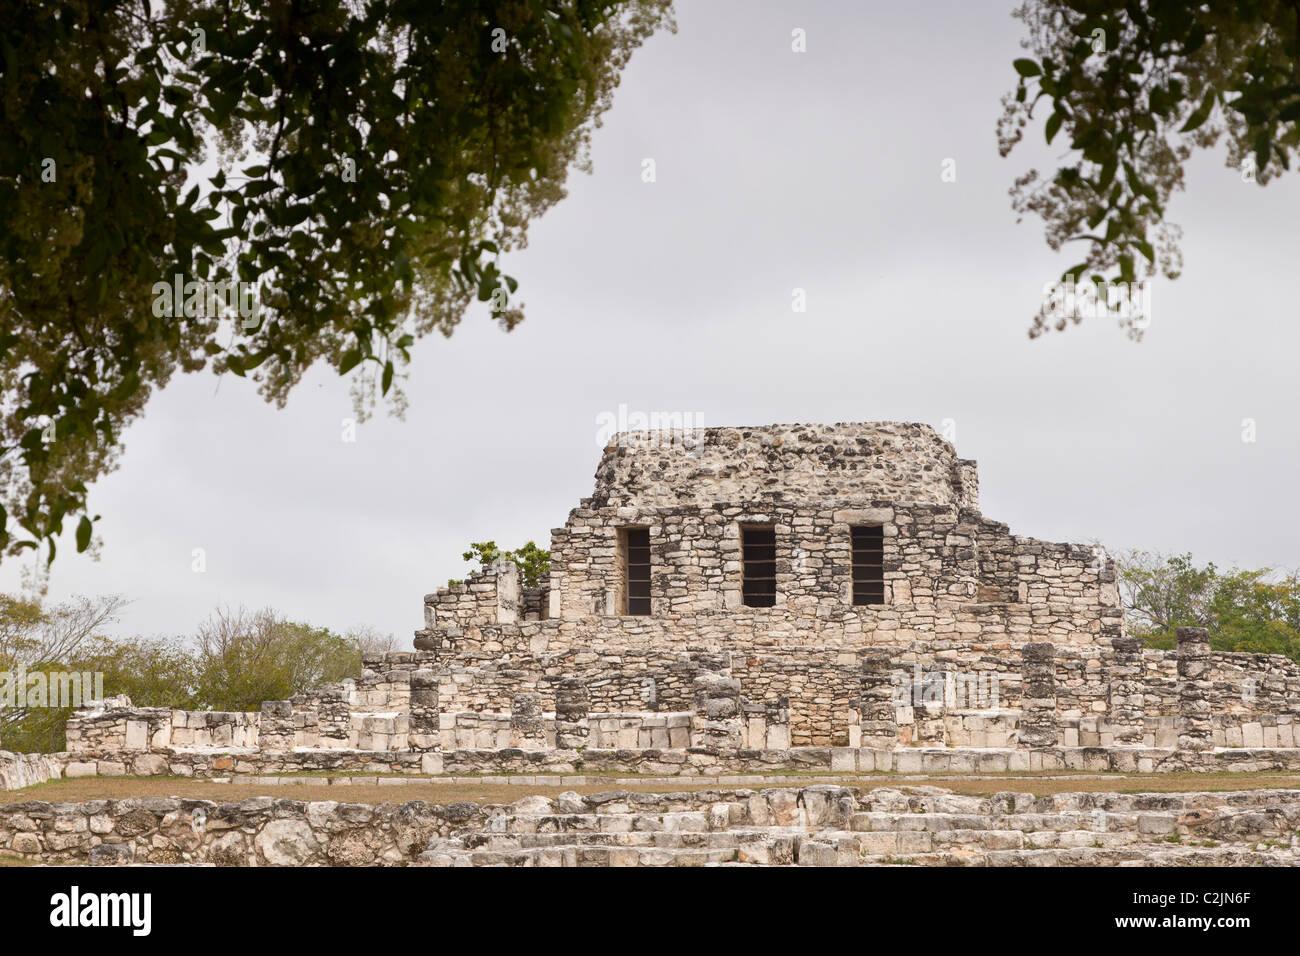 Temple of the Painted Niches (Templo de los Nichos Pintado) at the Maya ruins of Mayapan in the Yucatan Peninsula, - Stock Image